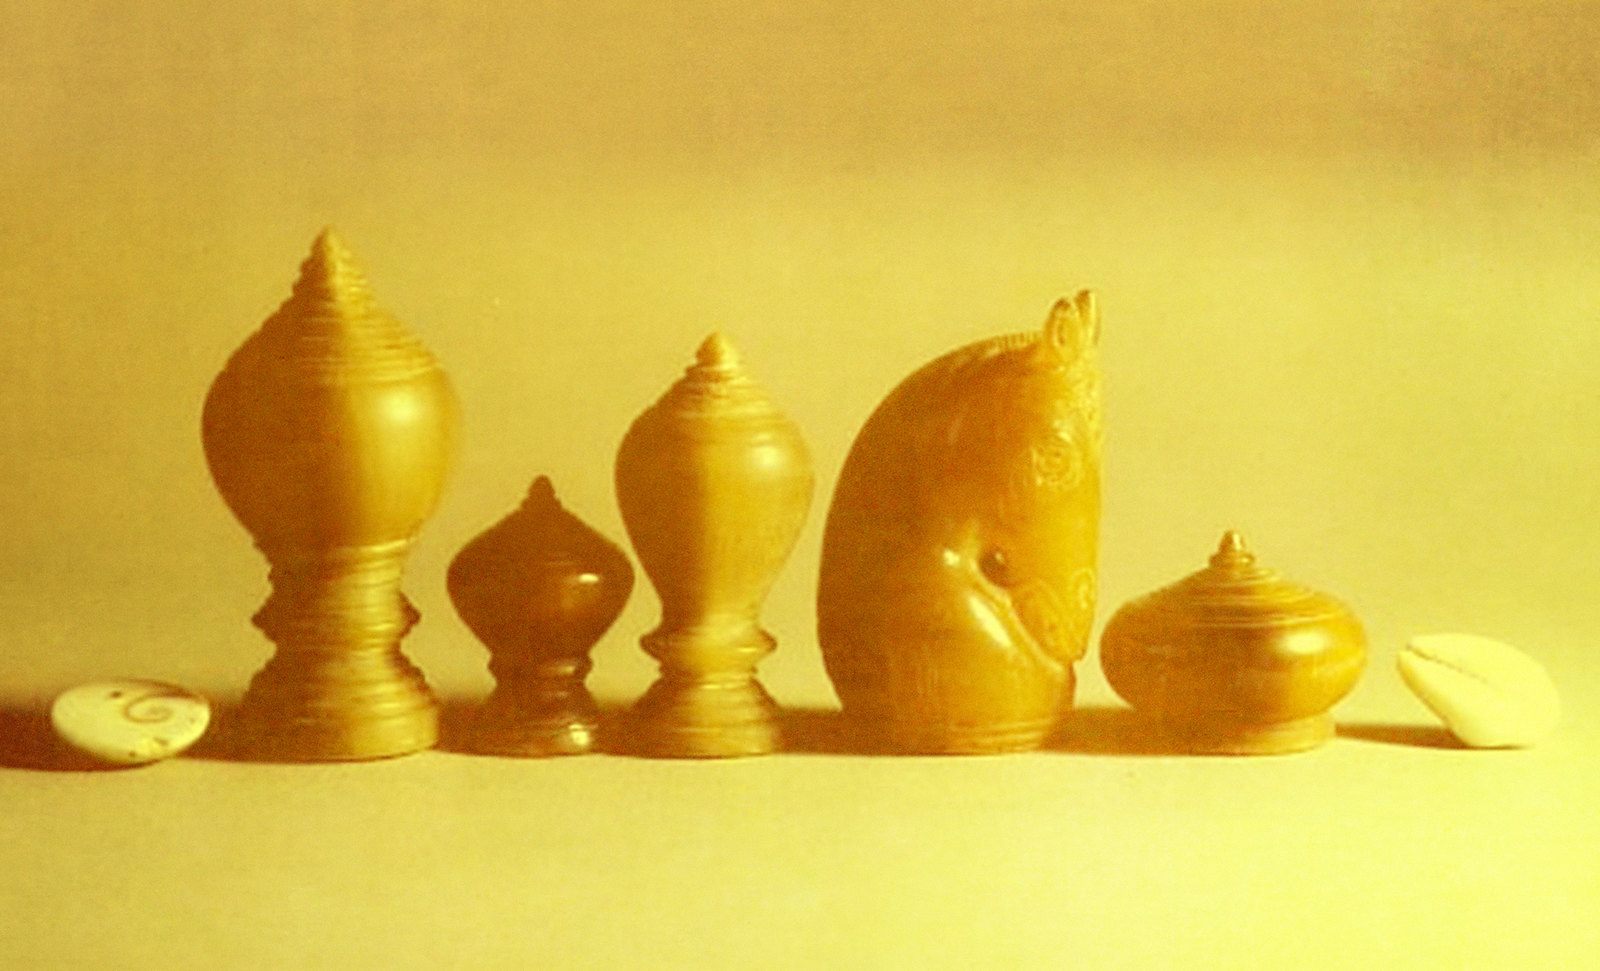 Chaturanga-makruk / Escenarios y artefactos de recreación meditativa en lndia y el sudeste asiático